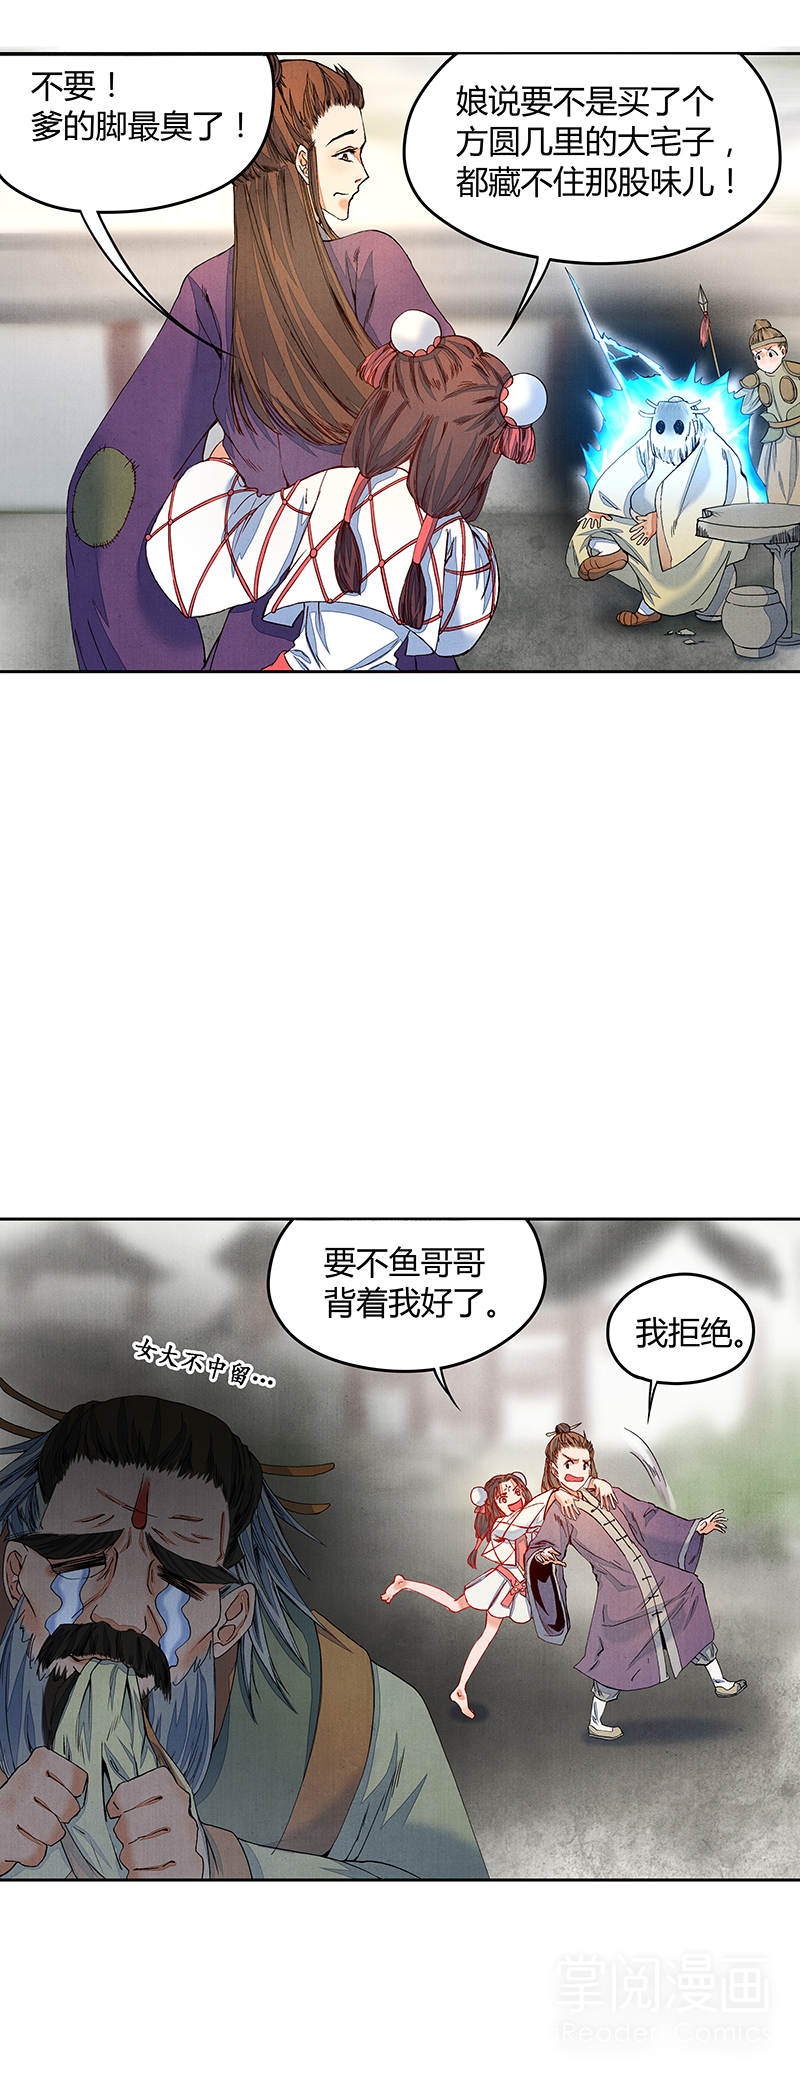 逍遥游第33话  千难历尽终告捷 第 9